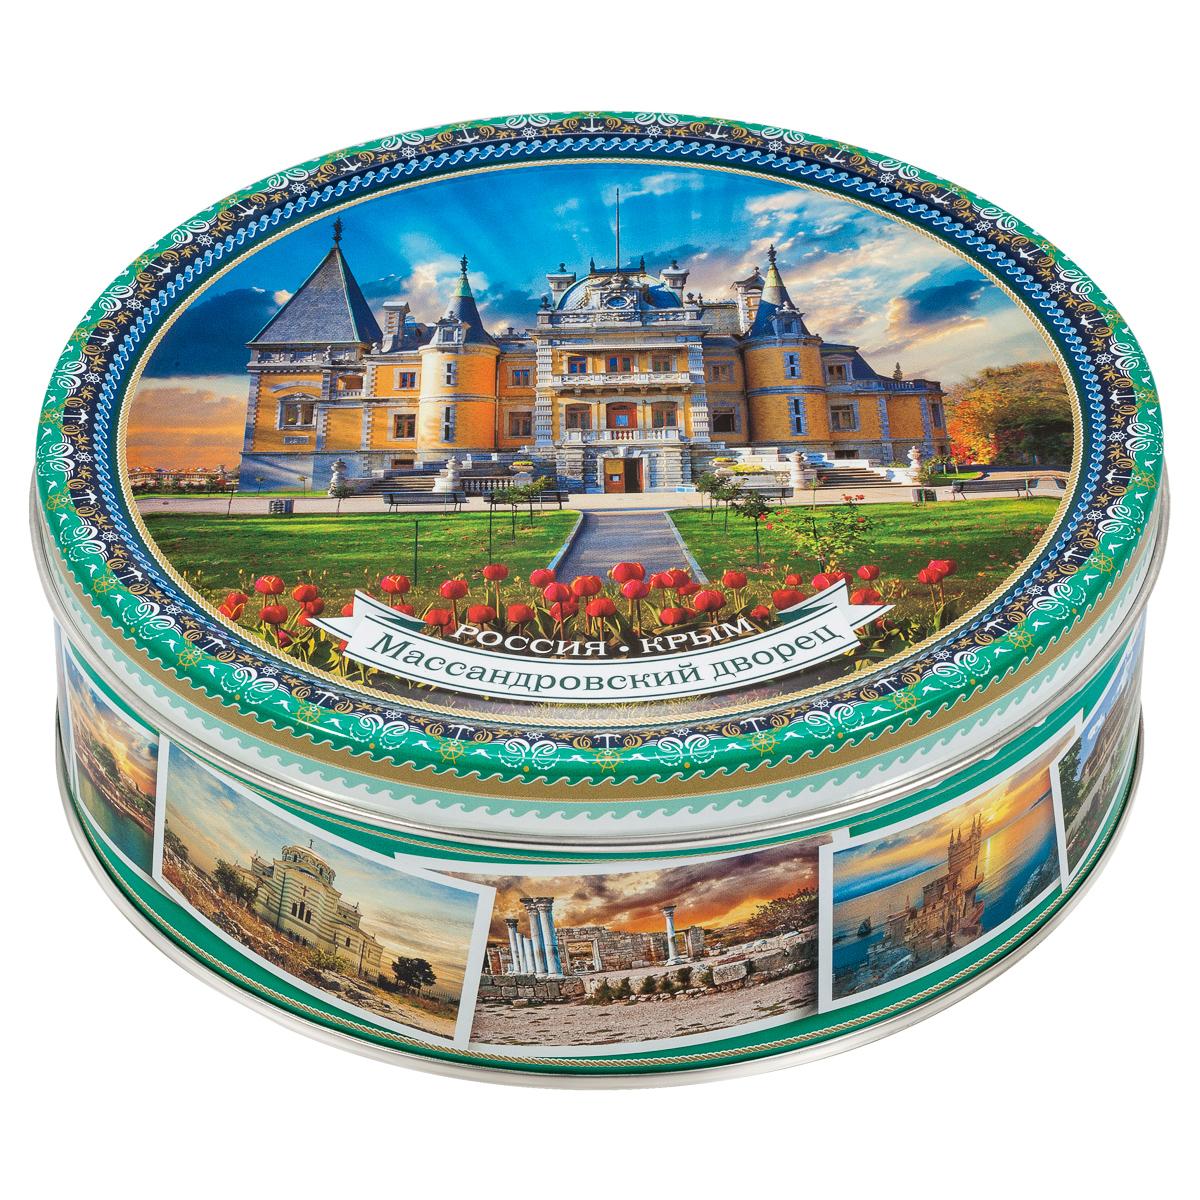 Monte Christo Крым Массандровский дворец печенье сдобное, 400 г кровати купить в г иваново